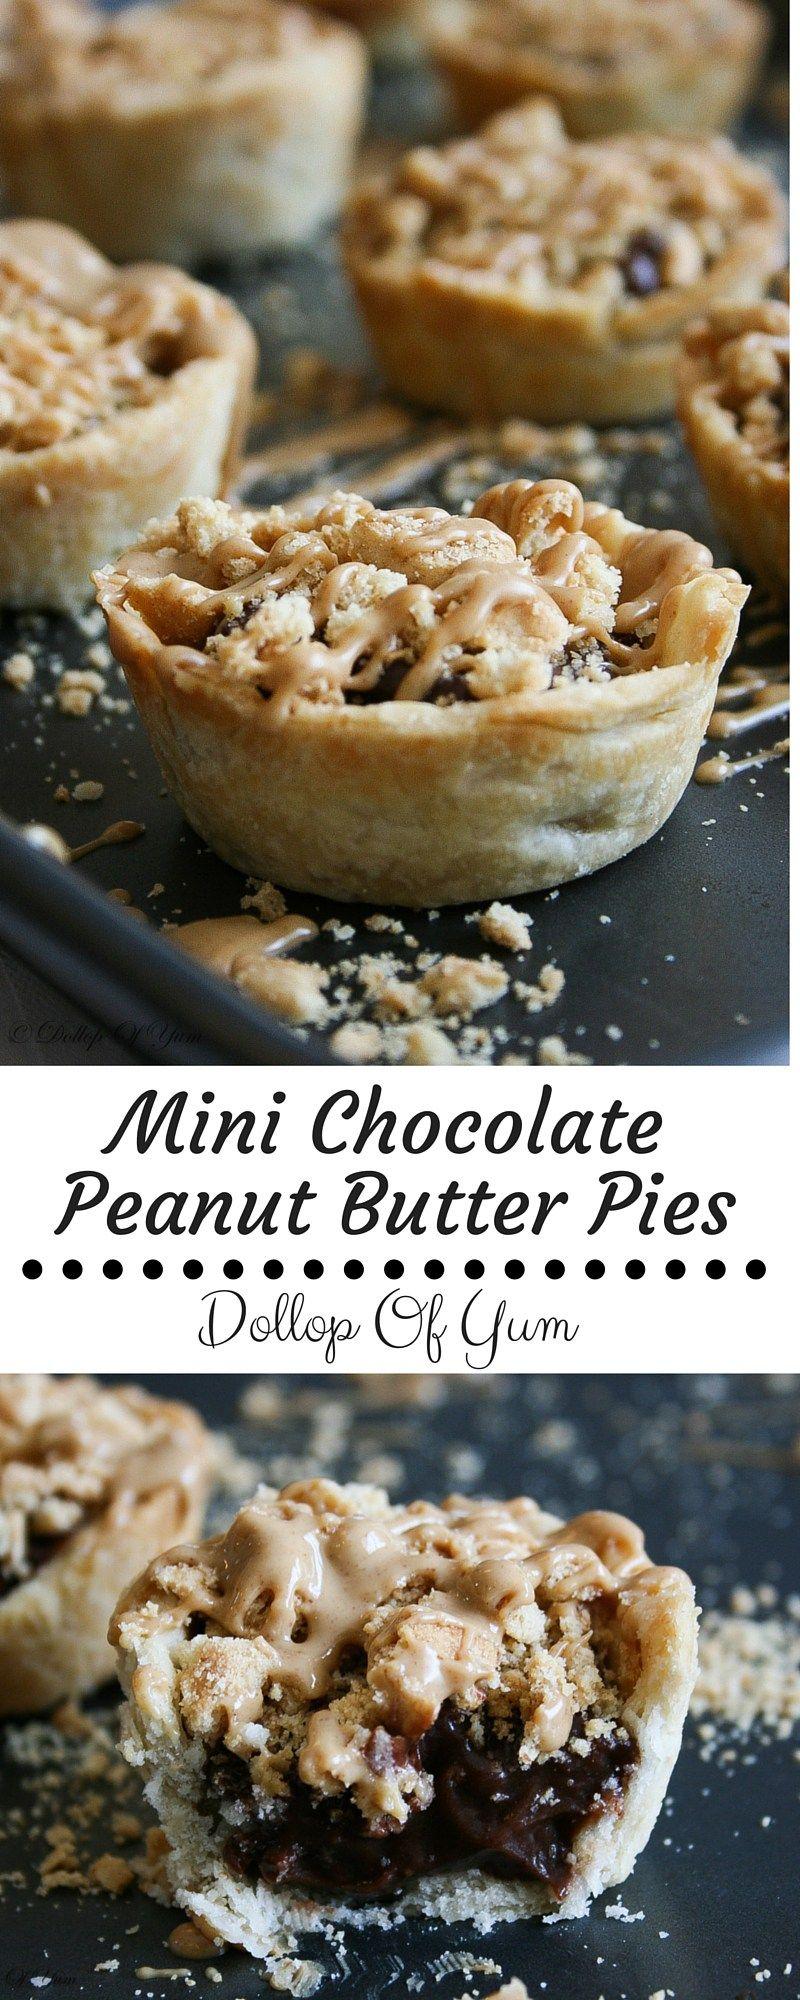 미니 초콜릿 피넛버터 파이